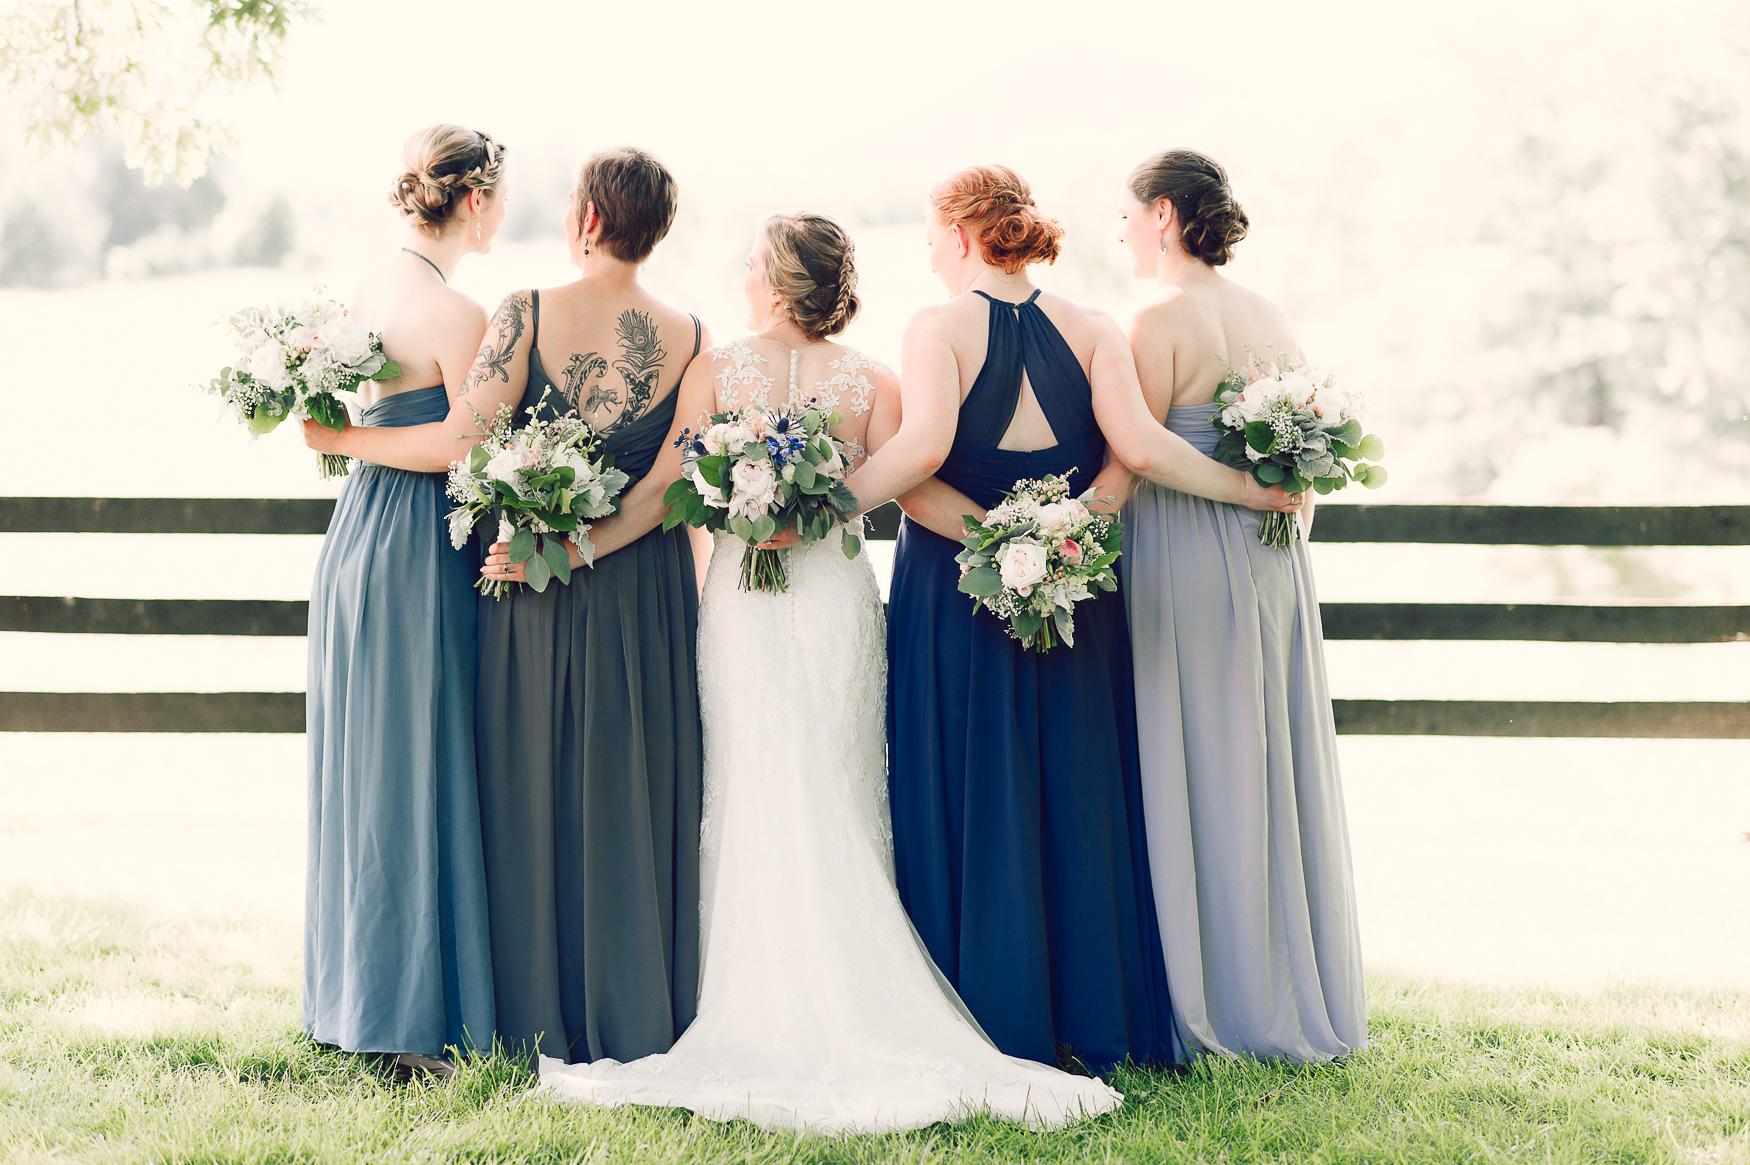 charlottesvillewedding_backyardwedding_virginia_youseephotography_CaitlinDerek (30).jpg